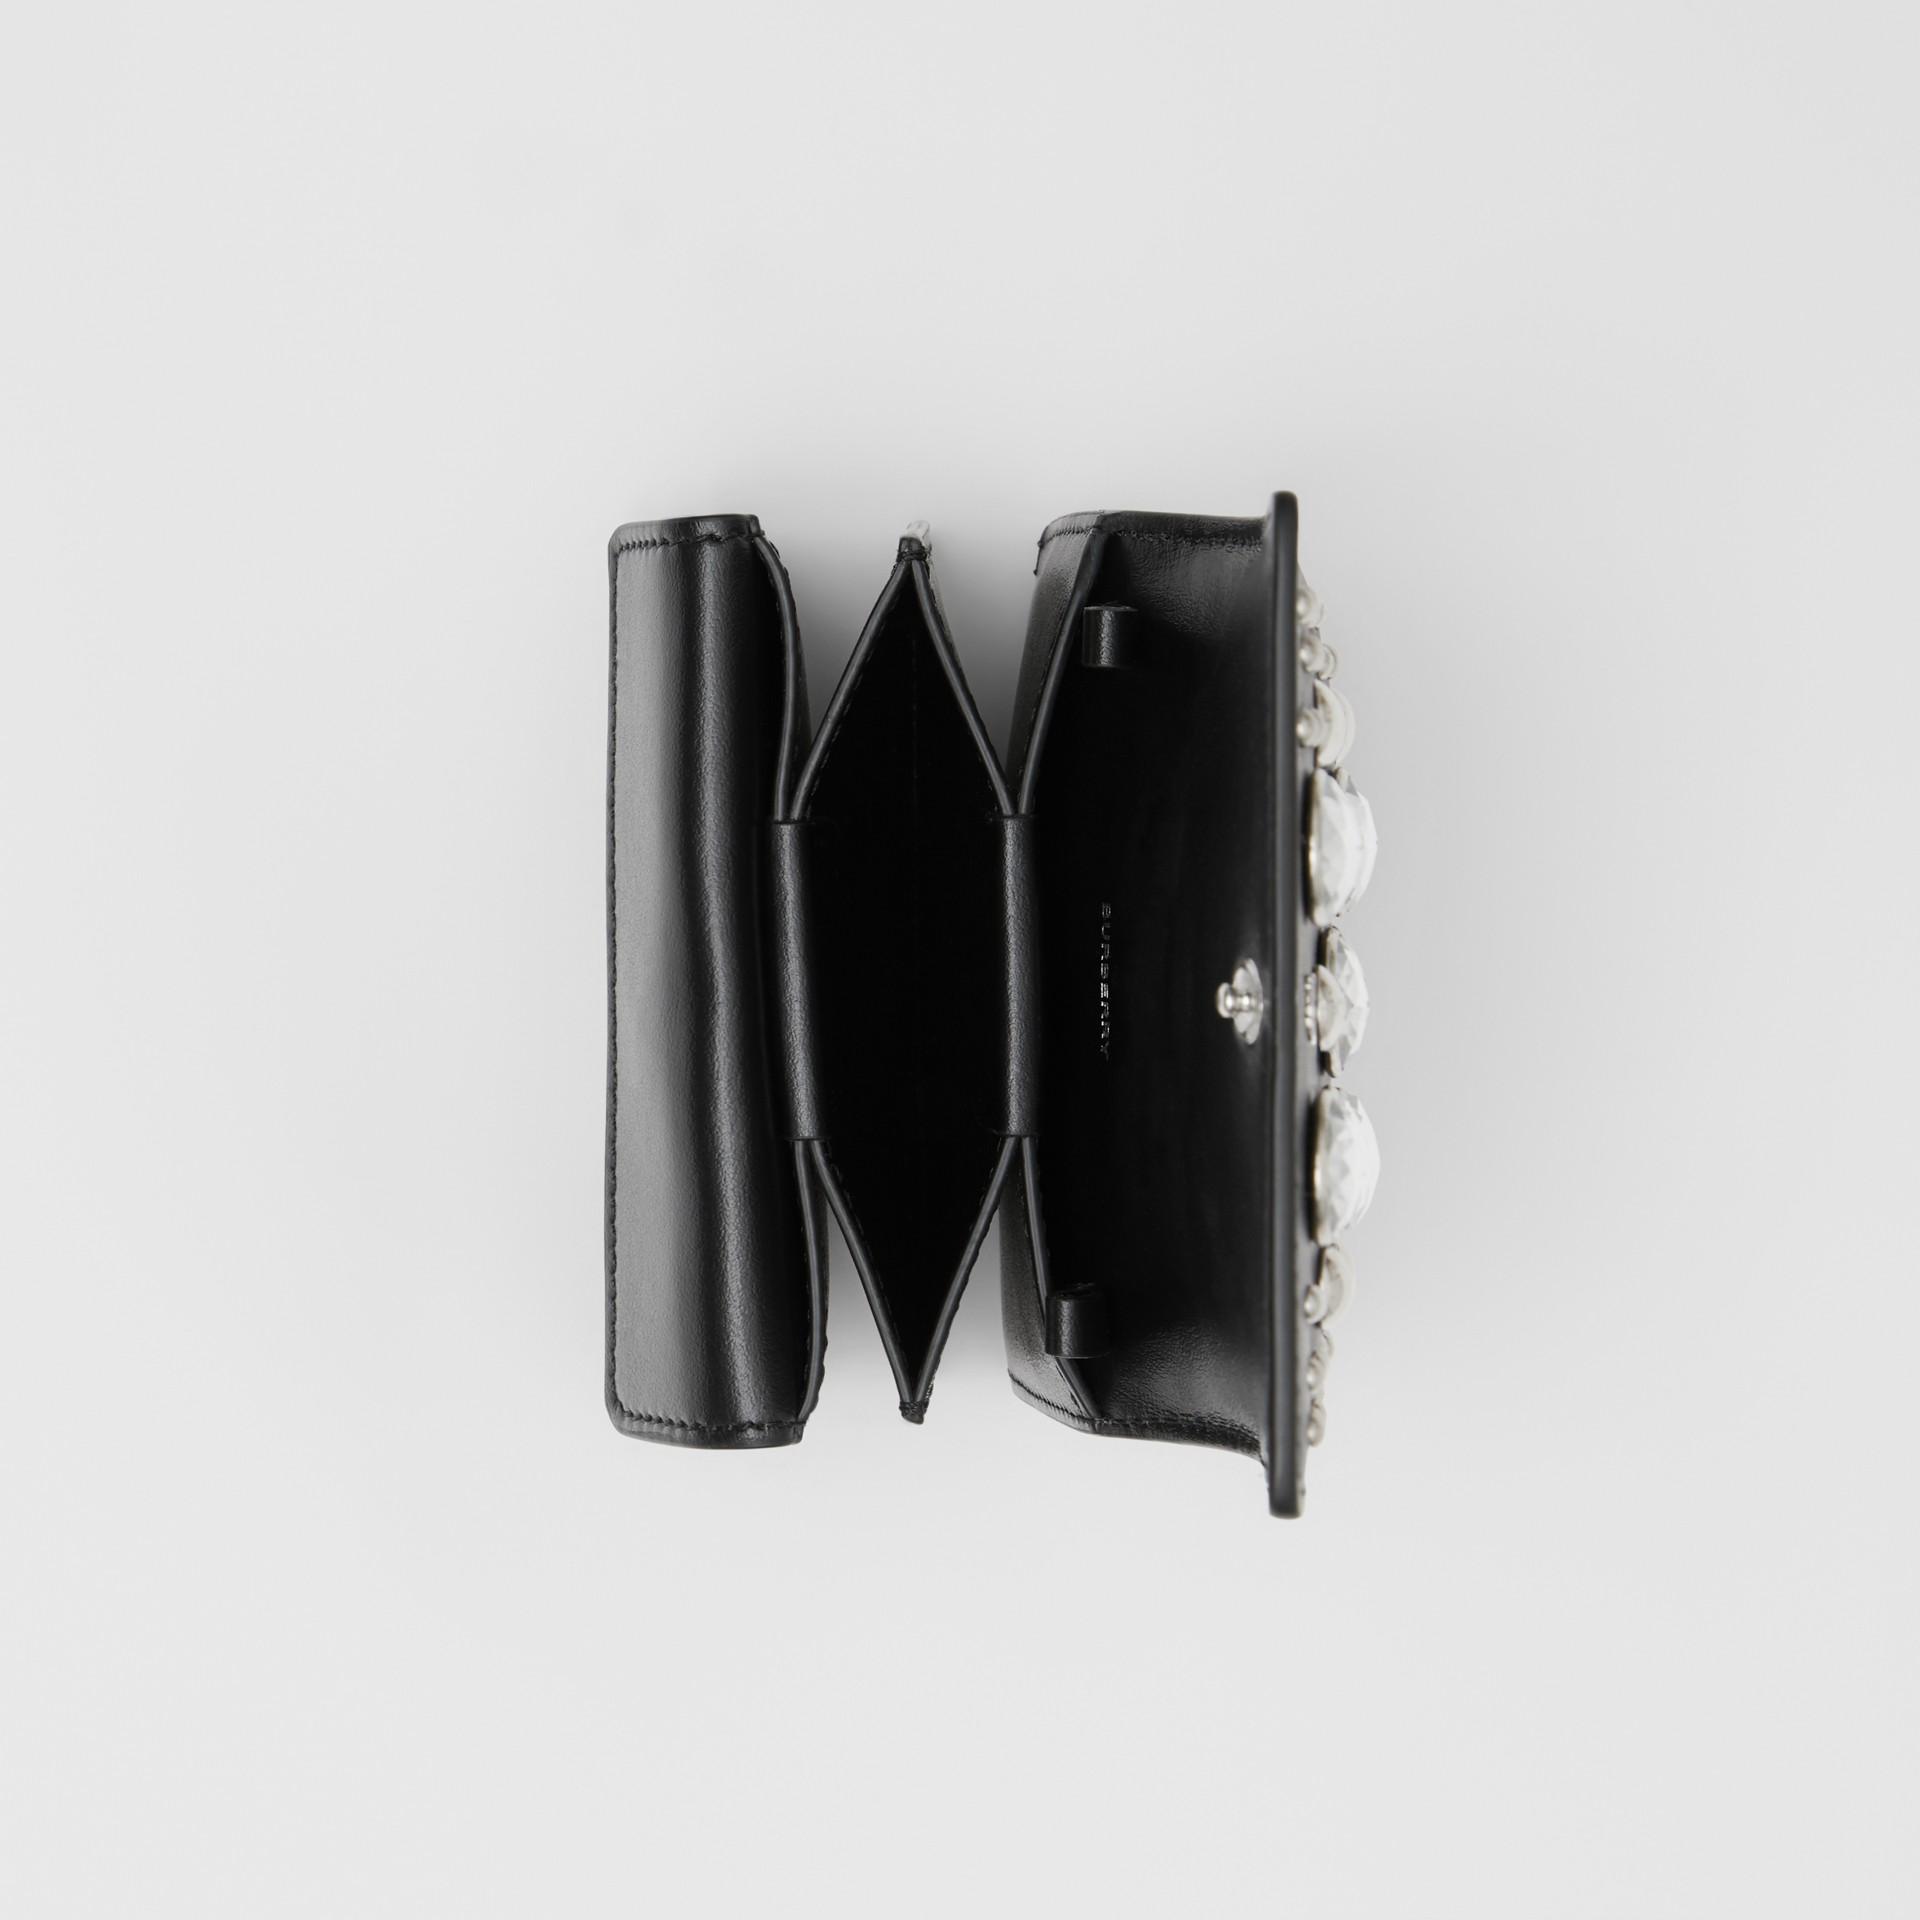 Porte-cartes en cuir avec ornements et sangle amovible (Noir)   Burberry Canada - photo de la galerie 10